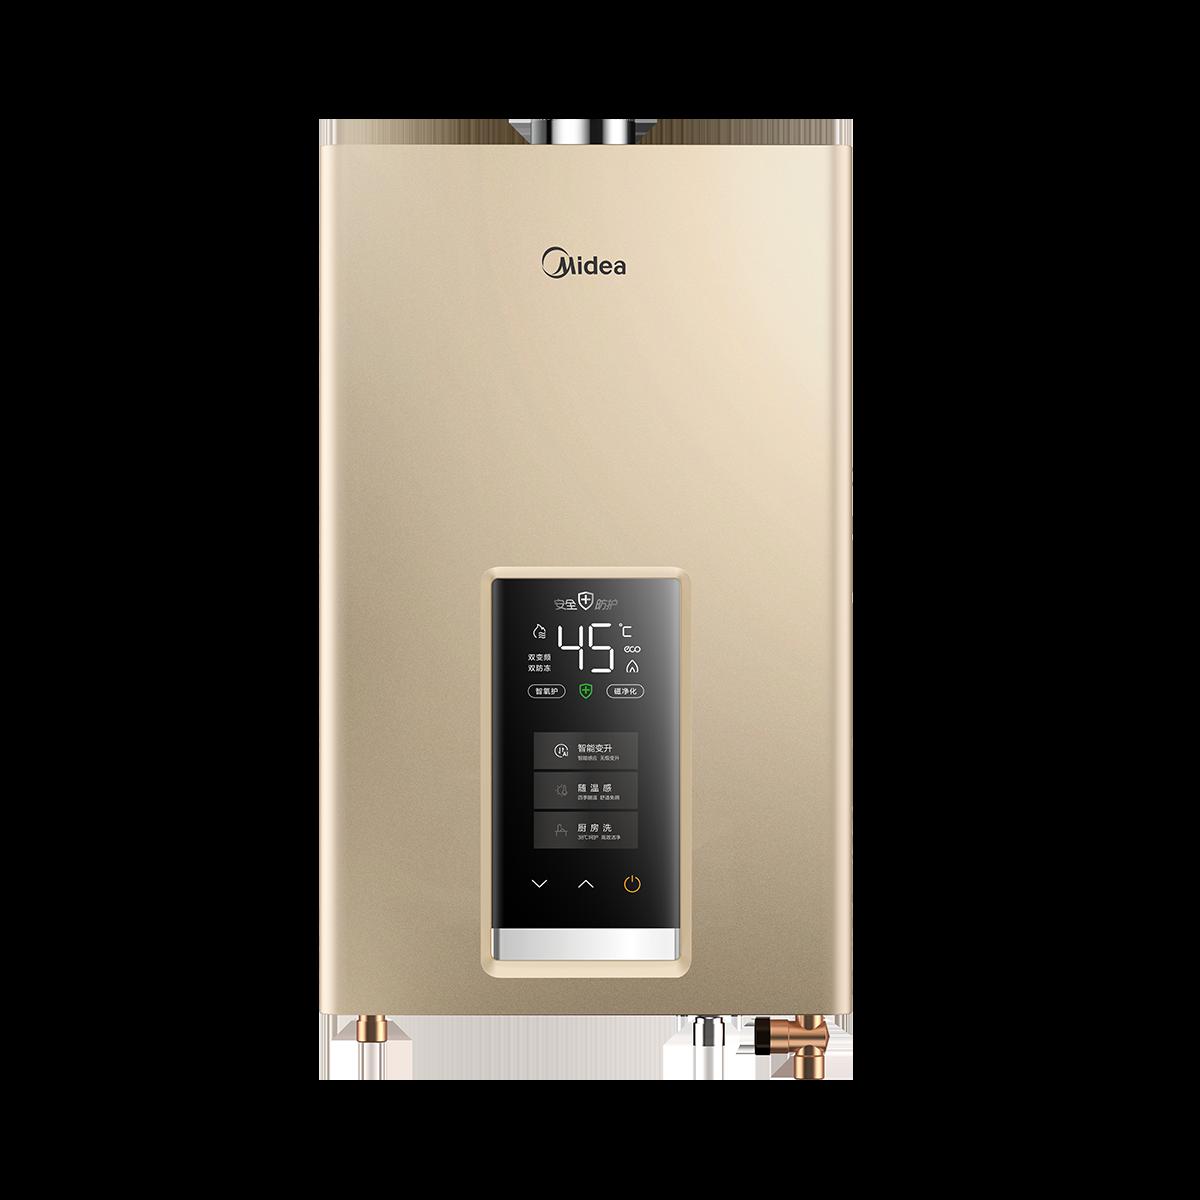 Midea/美的 JSQ30-GS6燃气热水器 说明书.pdf